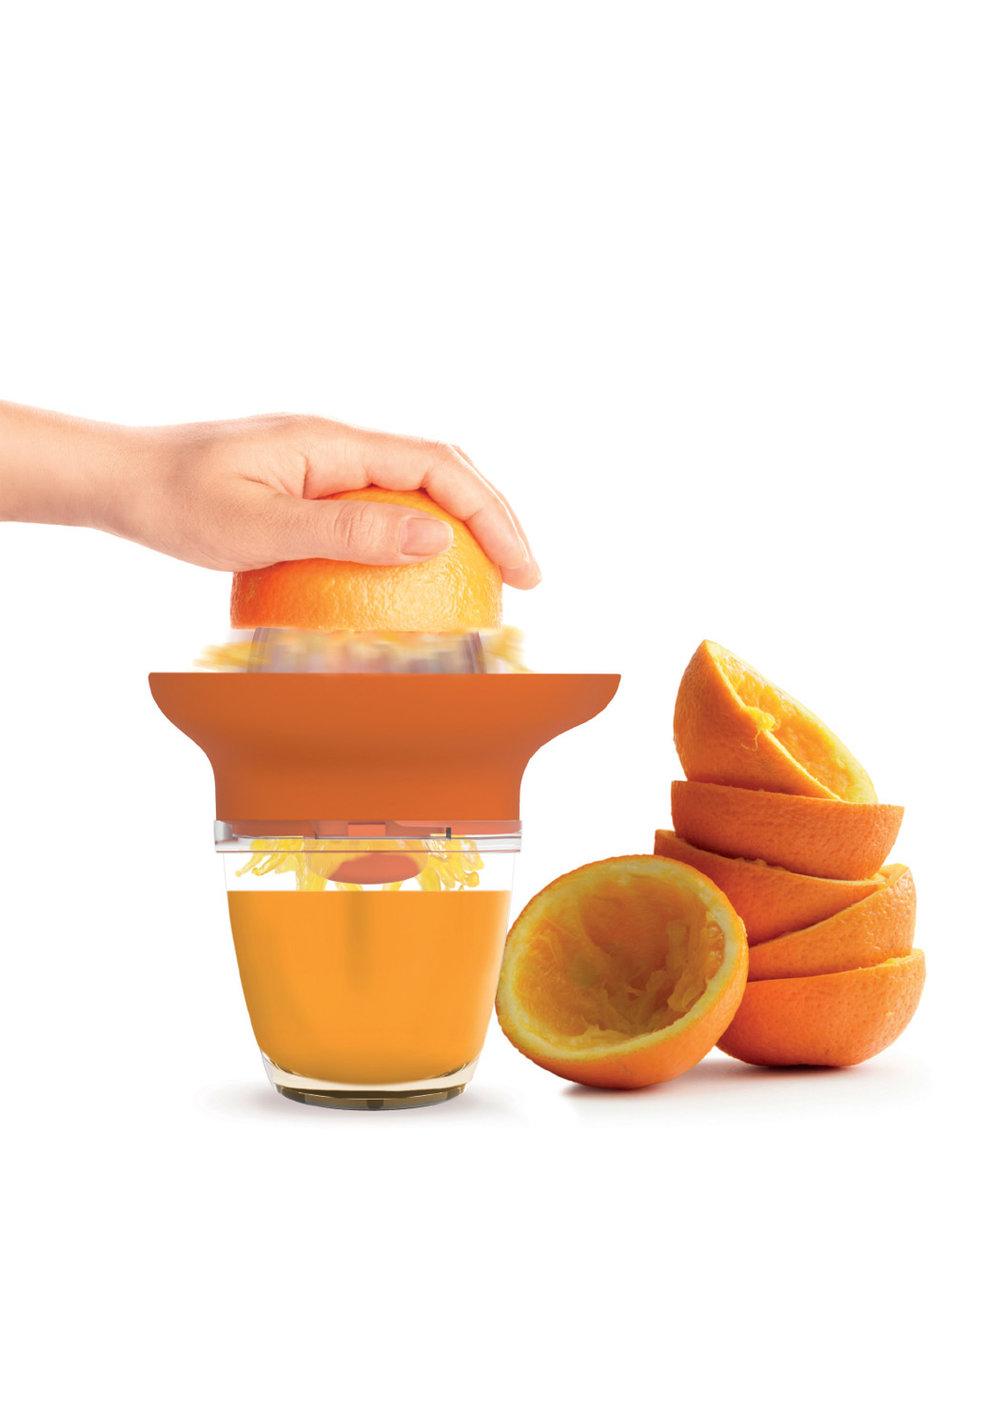 JUICY - démultiplicateur de force - Grâce à son mécanisme, lorsque vous appuyez pour presser votre agrumes, vous démultipliez la force de votre mouvement.•Pressez vos agrumes deux fois plus vite.•Vendu avec deux têtes en acrylique (orange et pamplemousse)